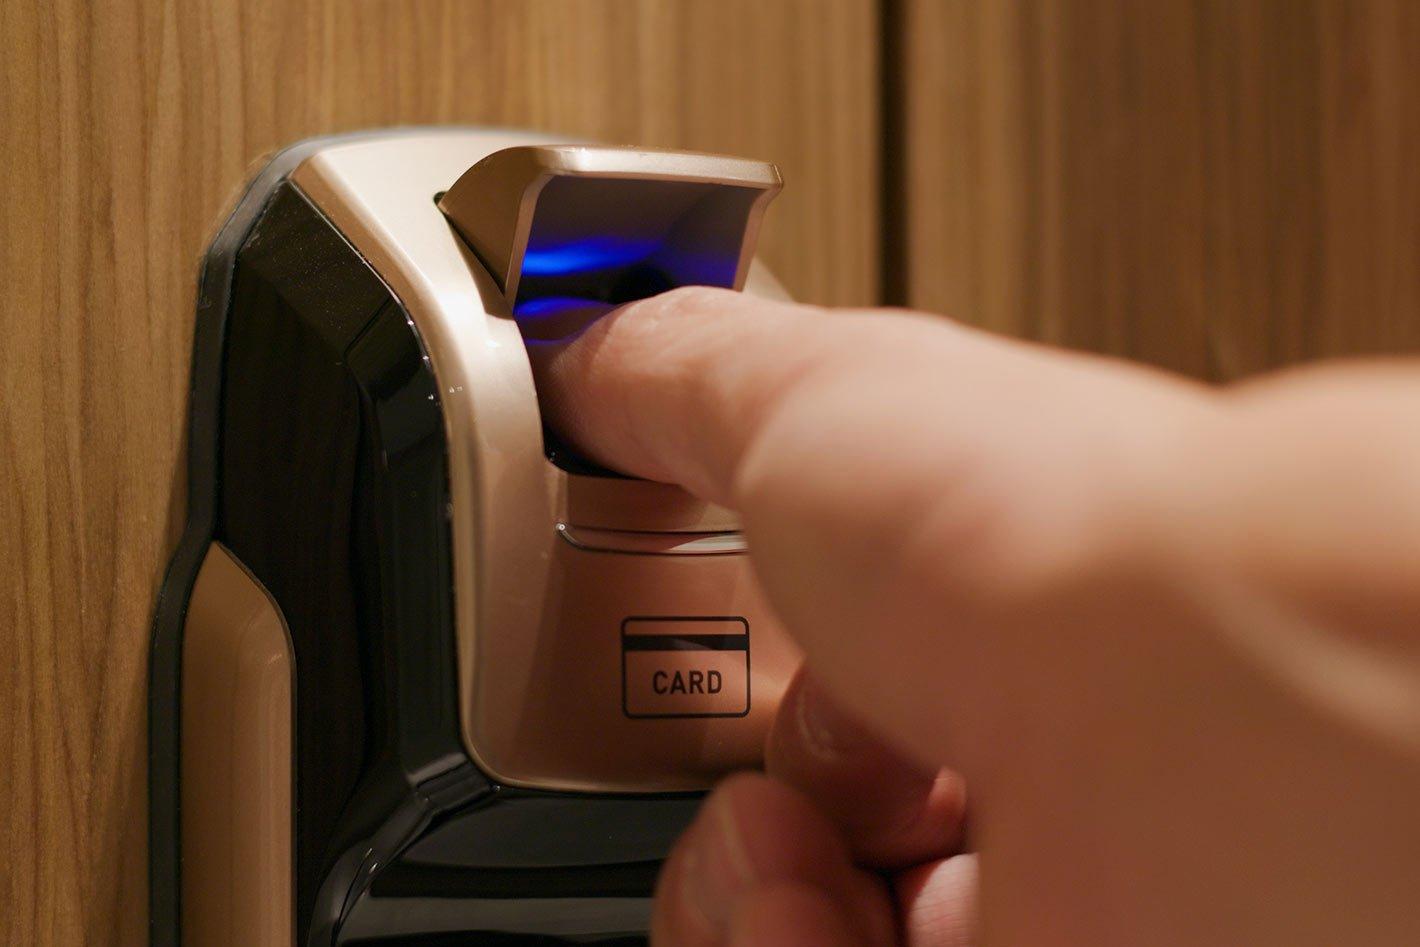 Candados-con-Acceso-Bluetooth-Seguridad-Electronica-COPS-Panama